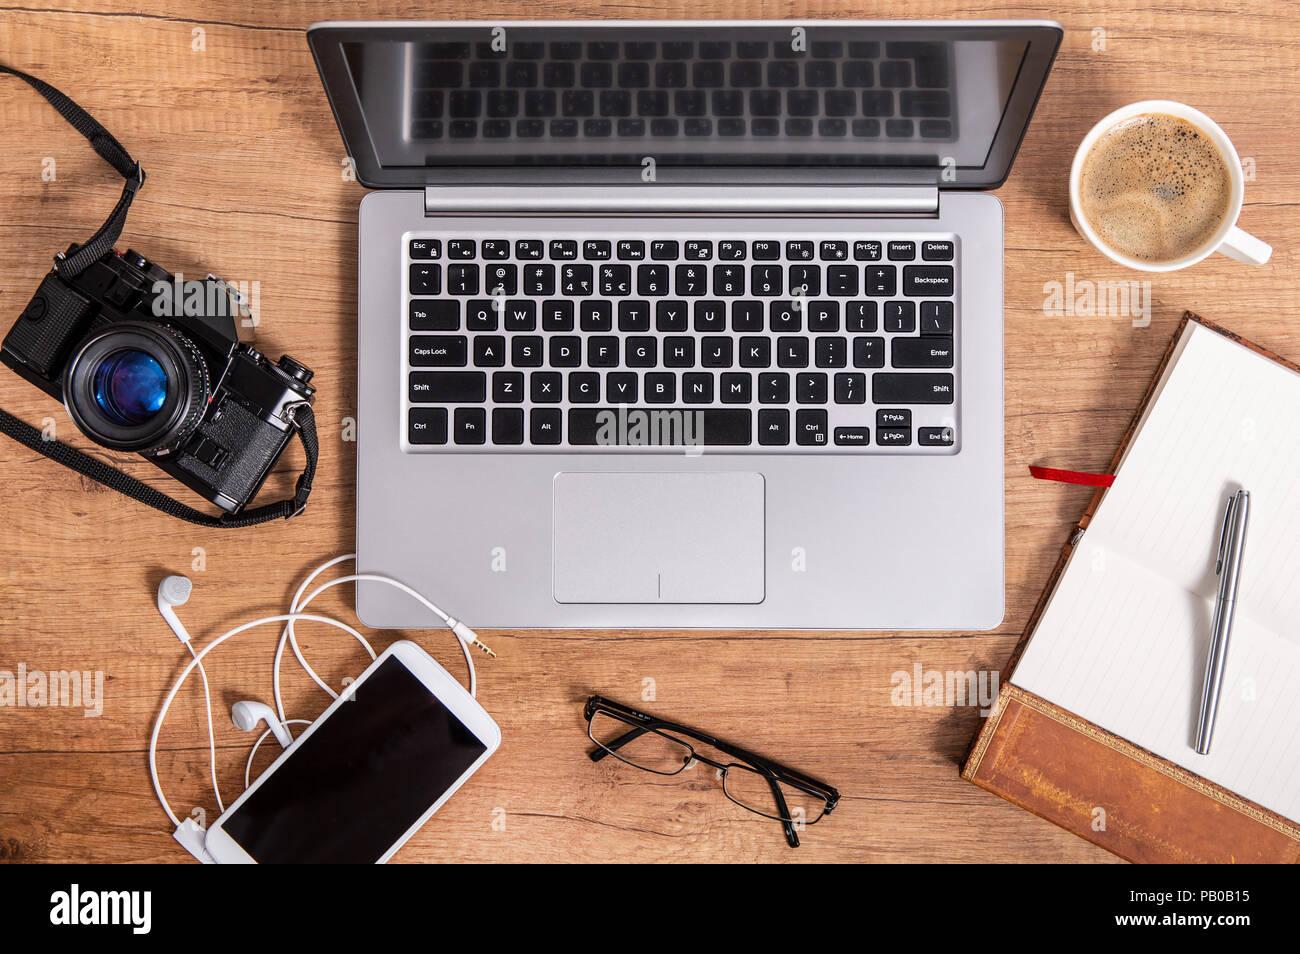 Modernen Laptop Und Zubehor Auf Der Arbeitsplatte Stockfoto Bild